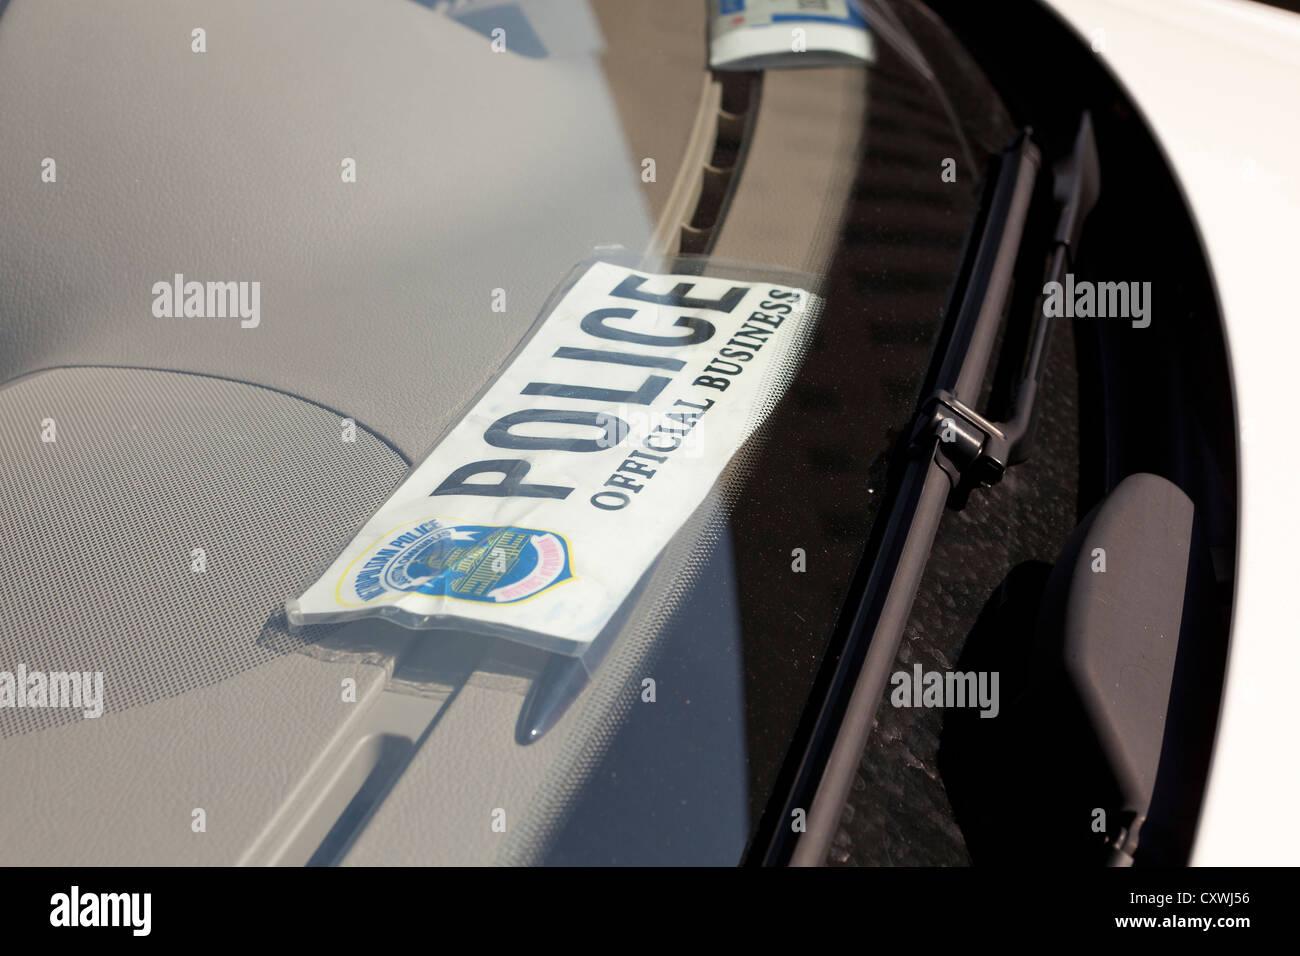 Polizei-Dienstreise-Tag im Auto - Washington, DC USA Stockbild